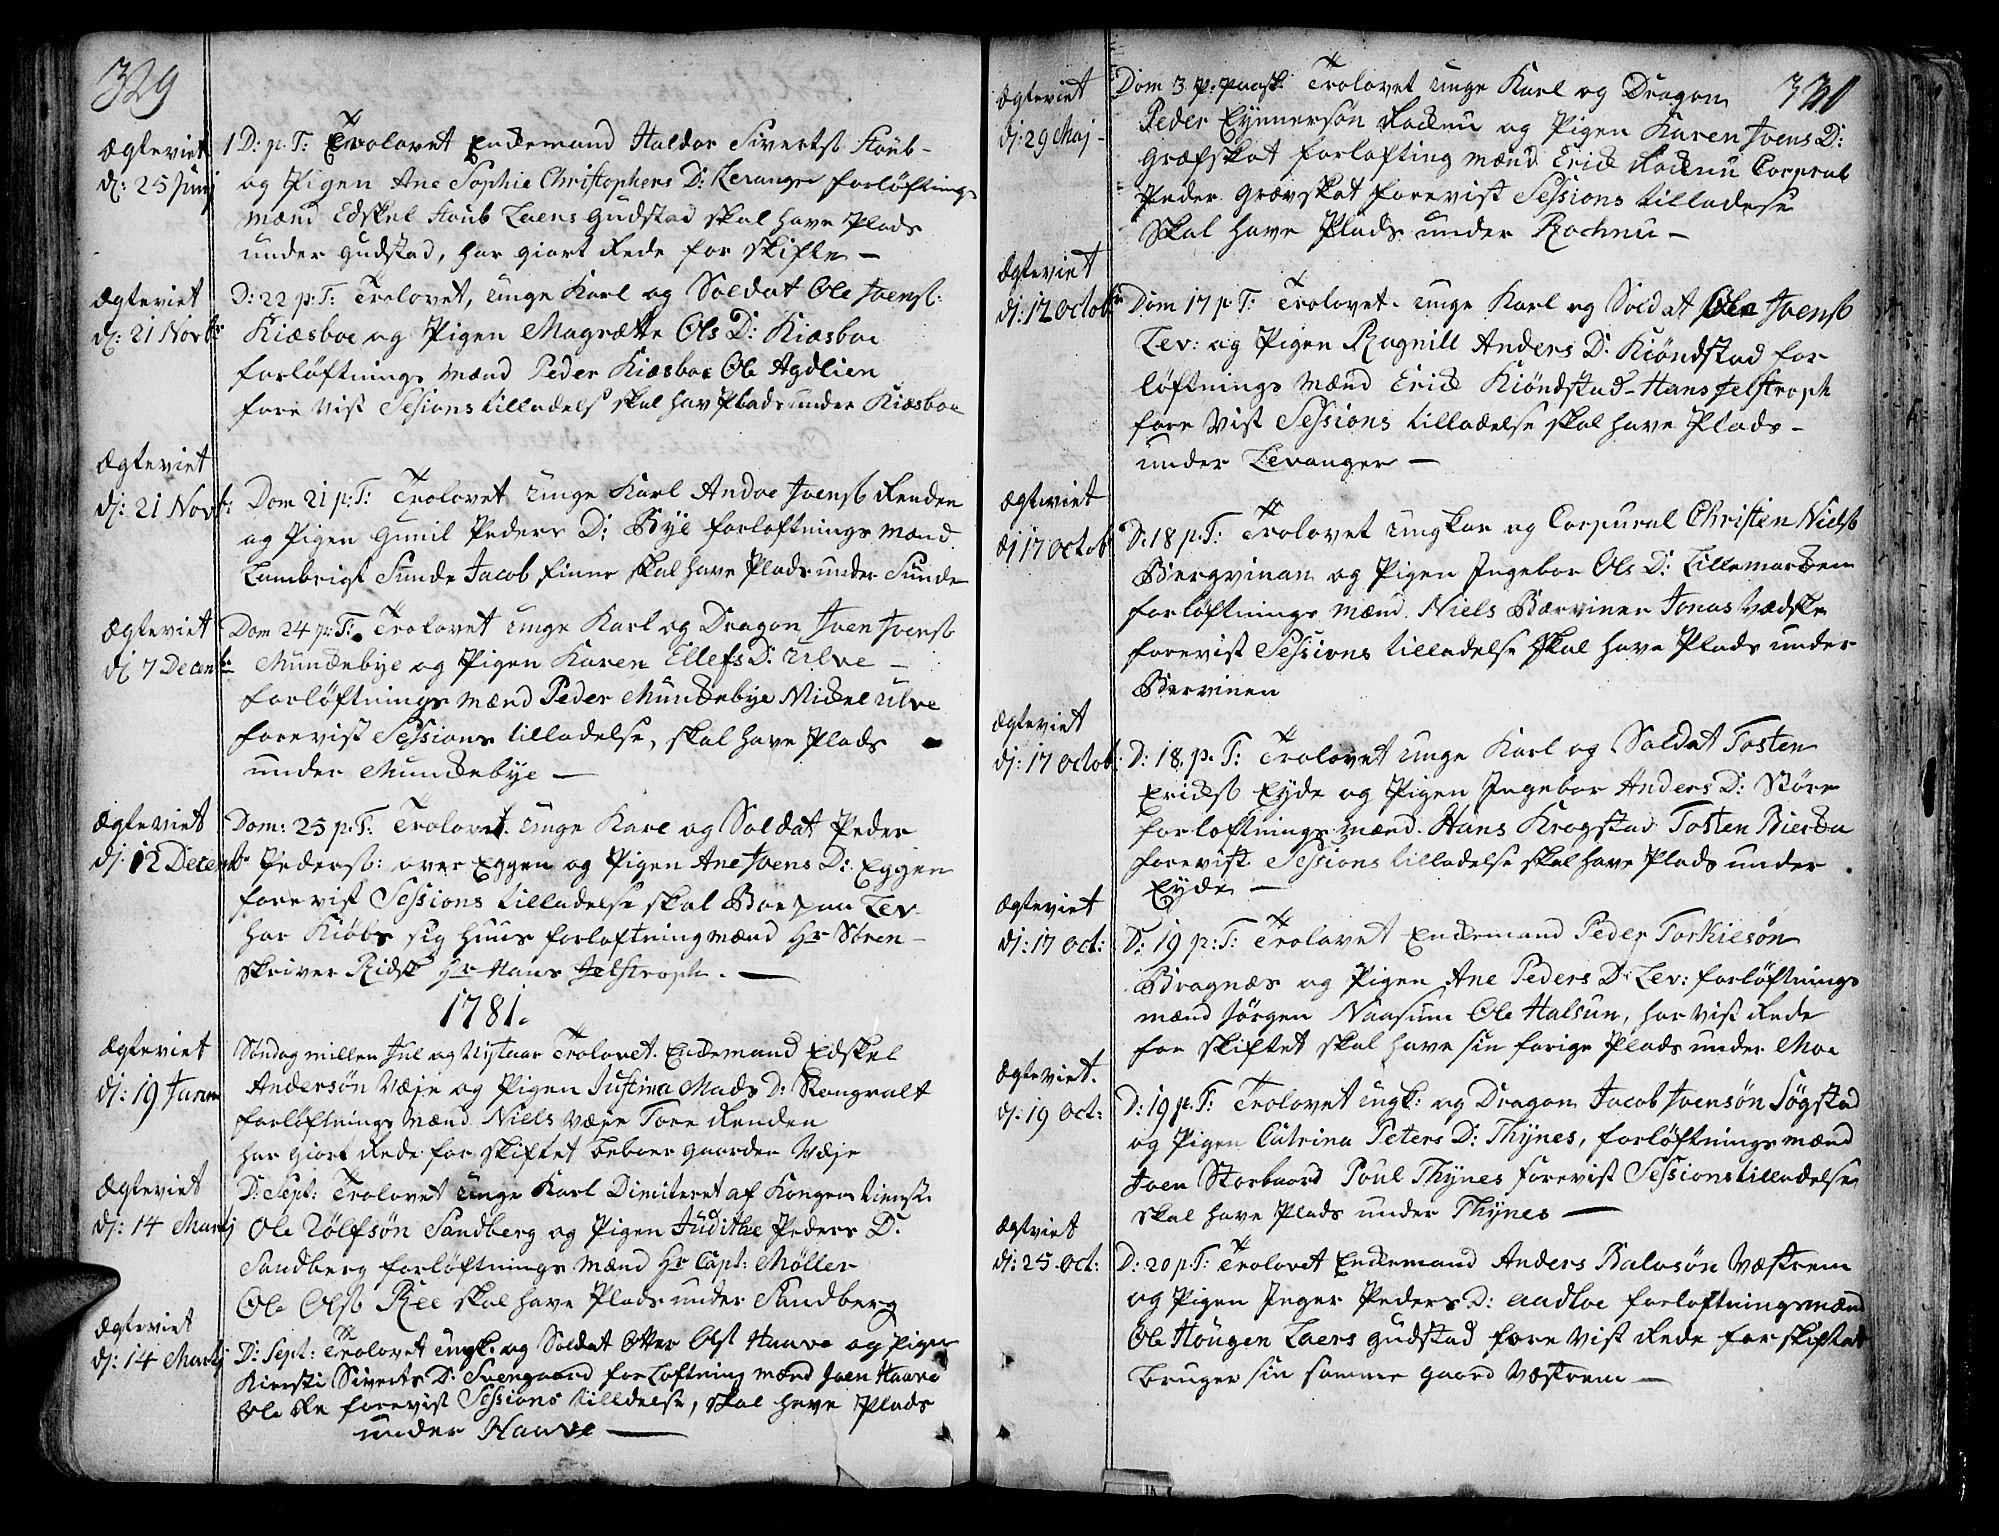 SAT, Ministerialprotokoller, klokkerbøker og fødselsregistre - Nord-Trøndelag, 717/L0141: Ministerialbok nr. 717A01, 1747-1803, s. 329-330